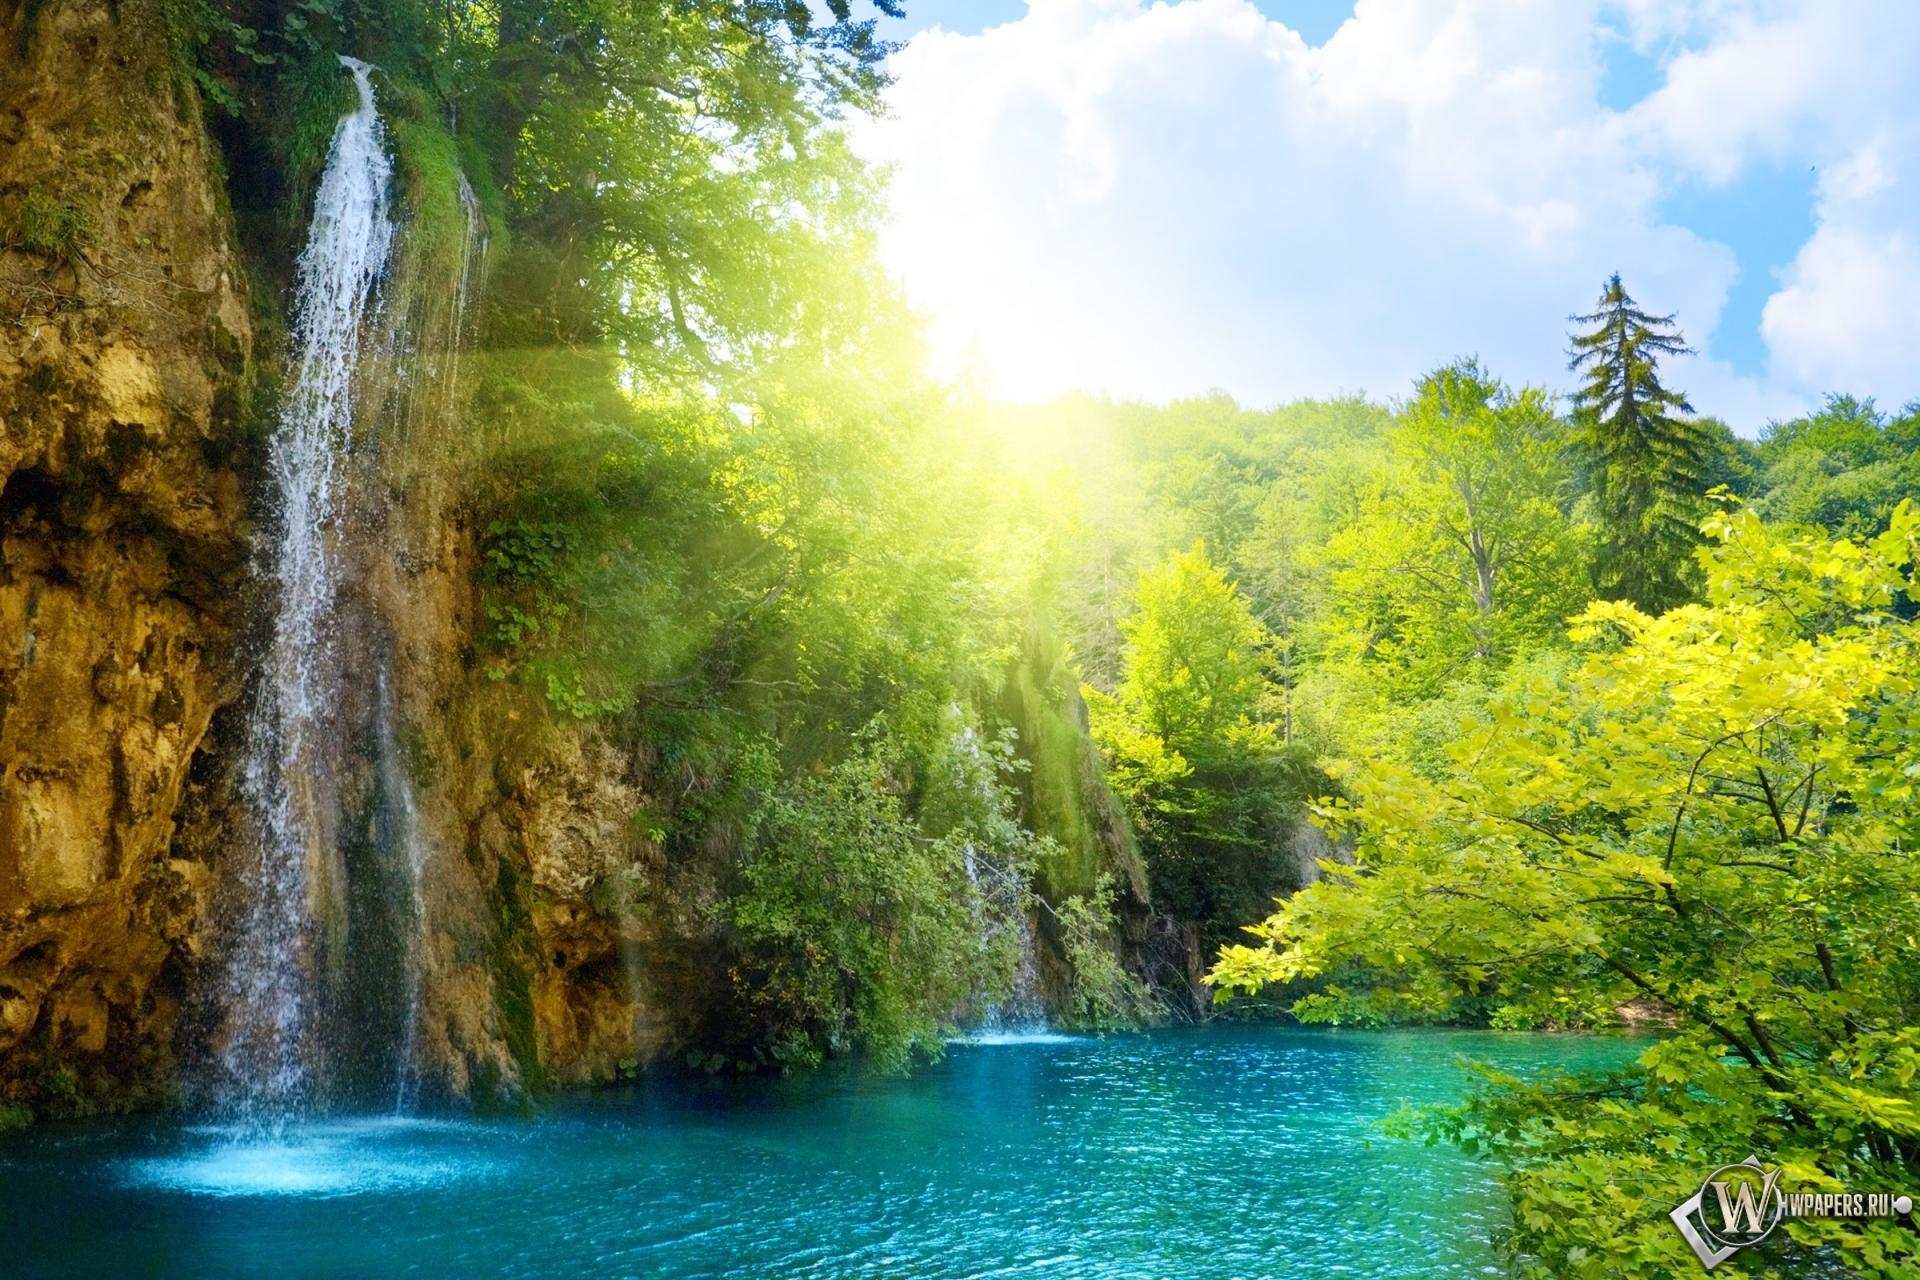 Водопад солнце обоев 201 водопад